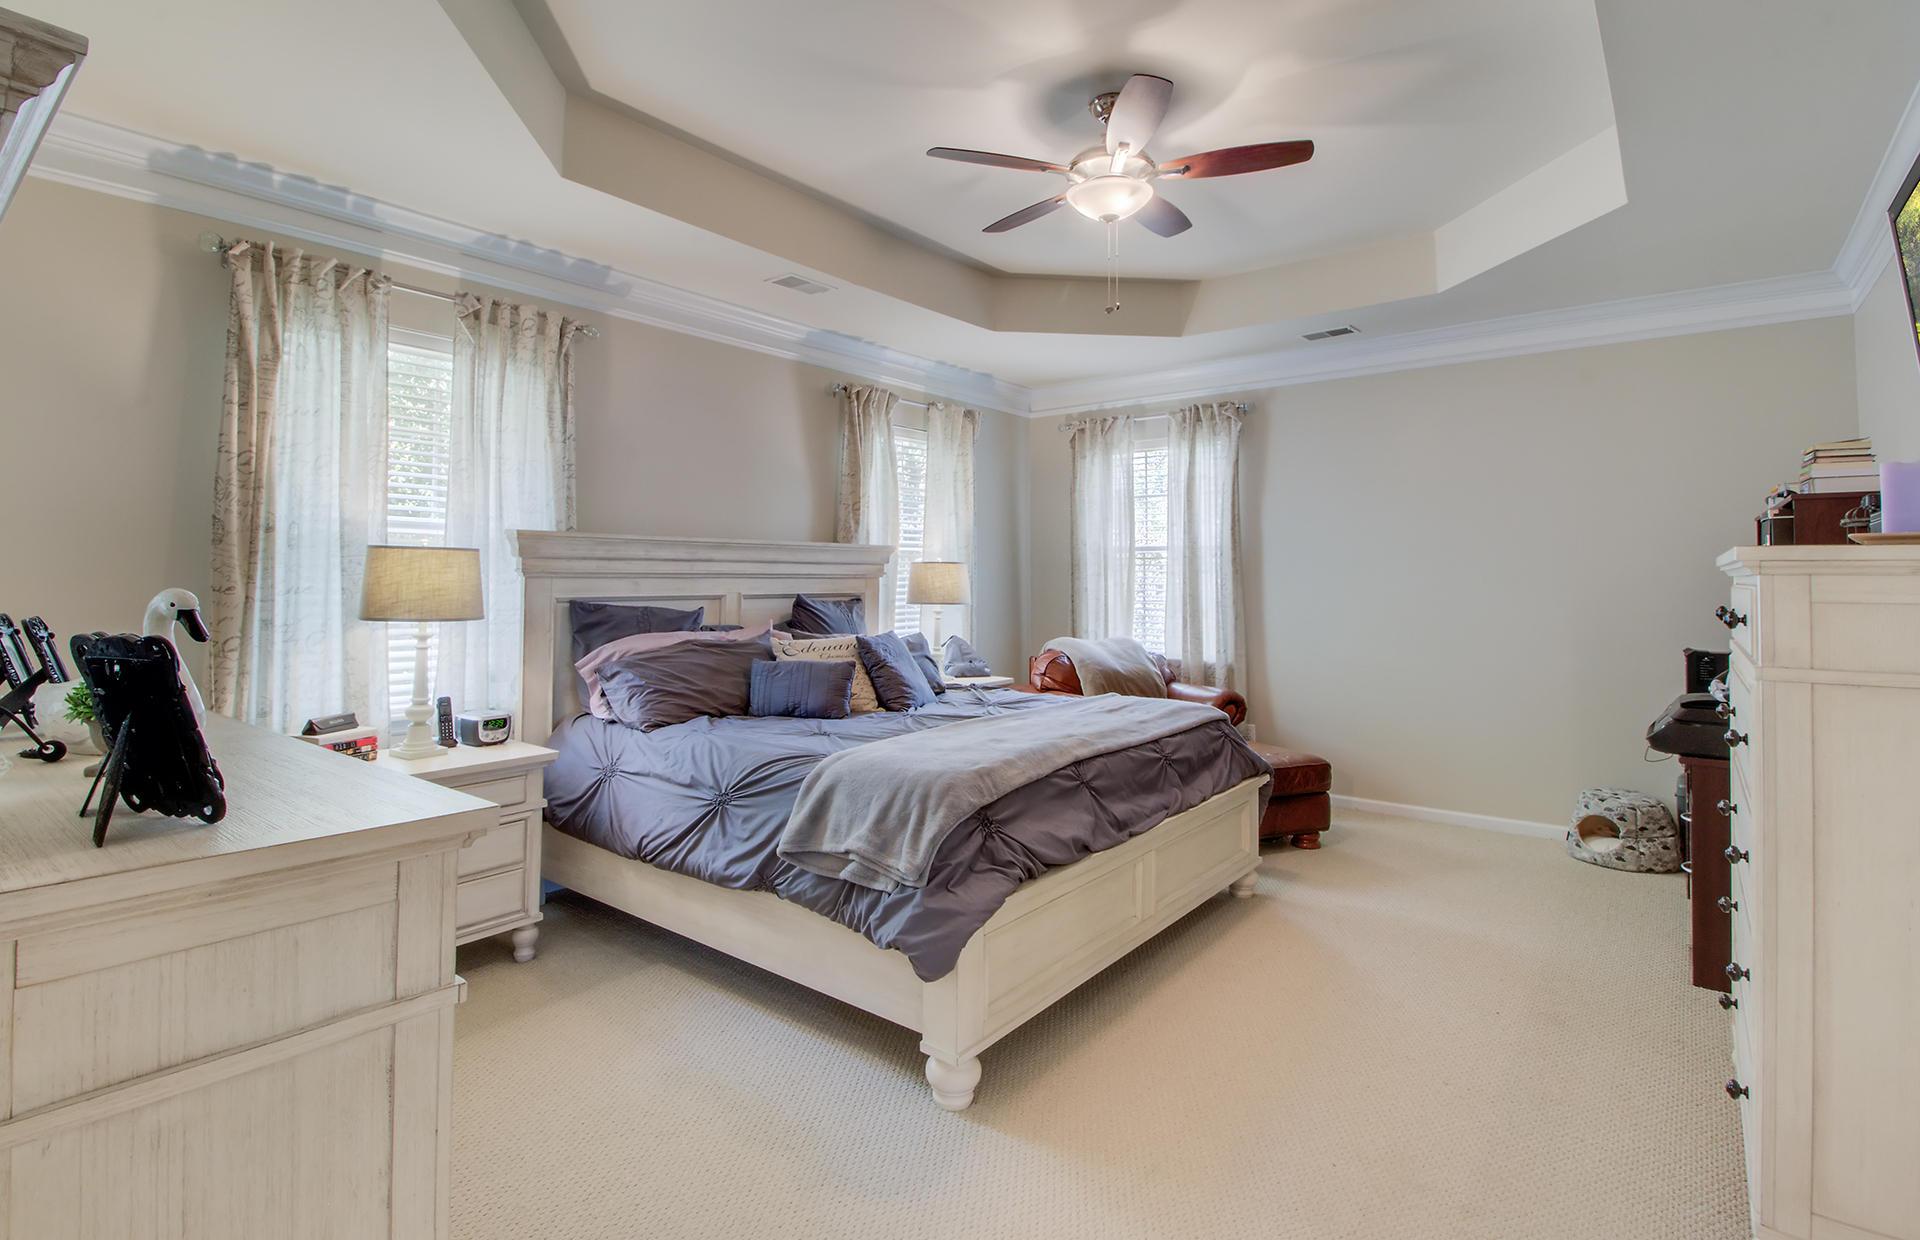 Park West Homes For Sale - 2500 Draymohr, Mount Pleasant, SC - 5